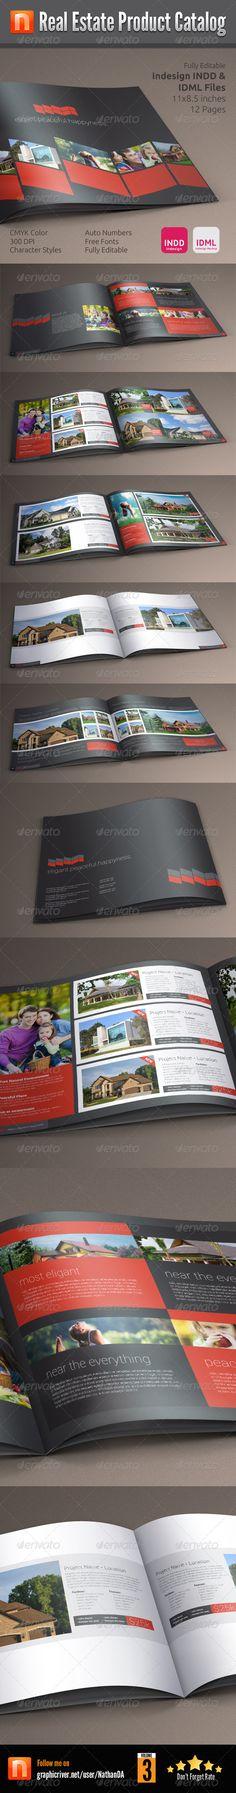 Real+Estate+Product+Catalog+V3